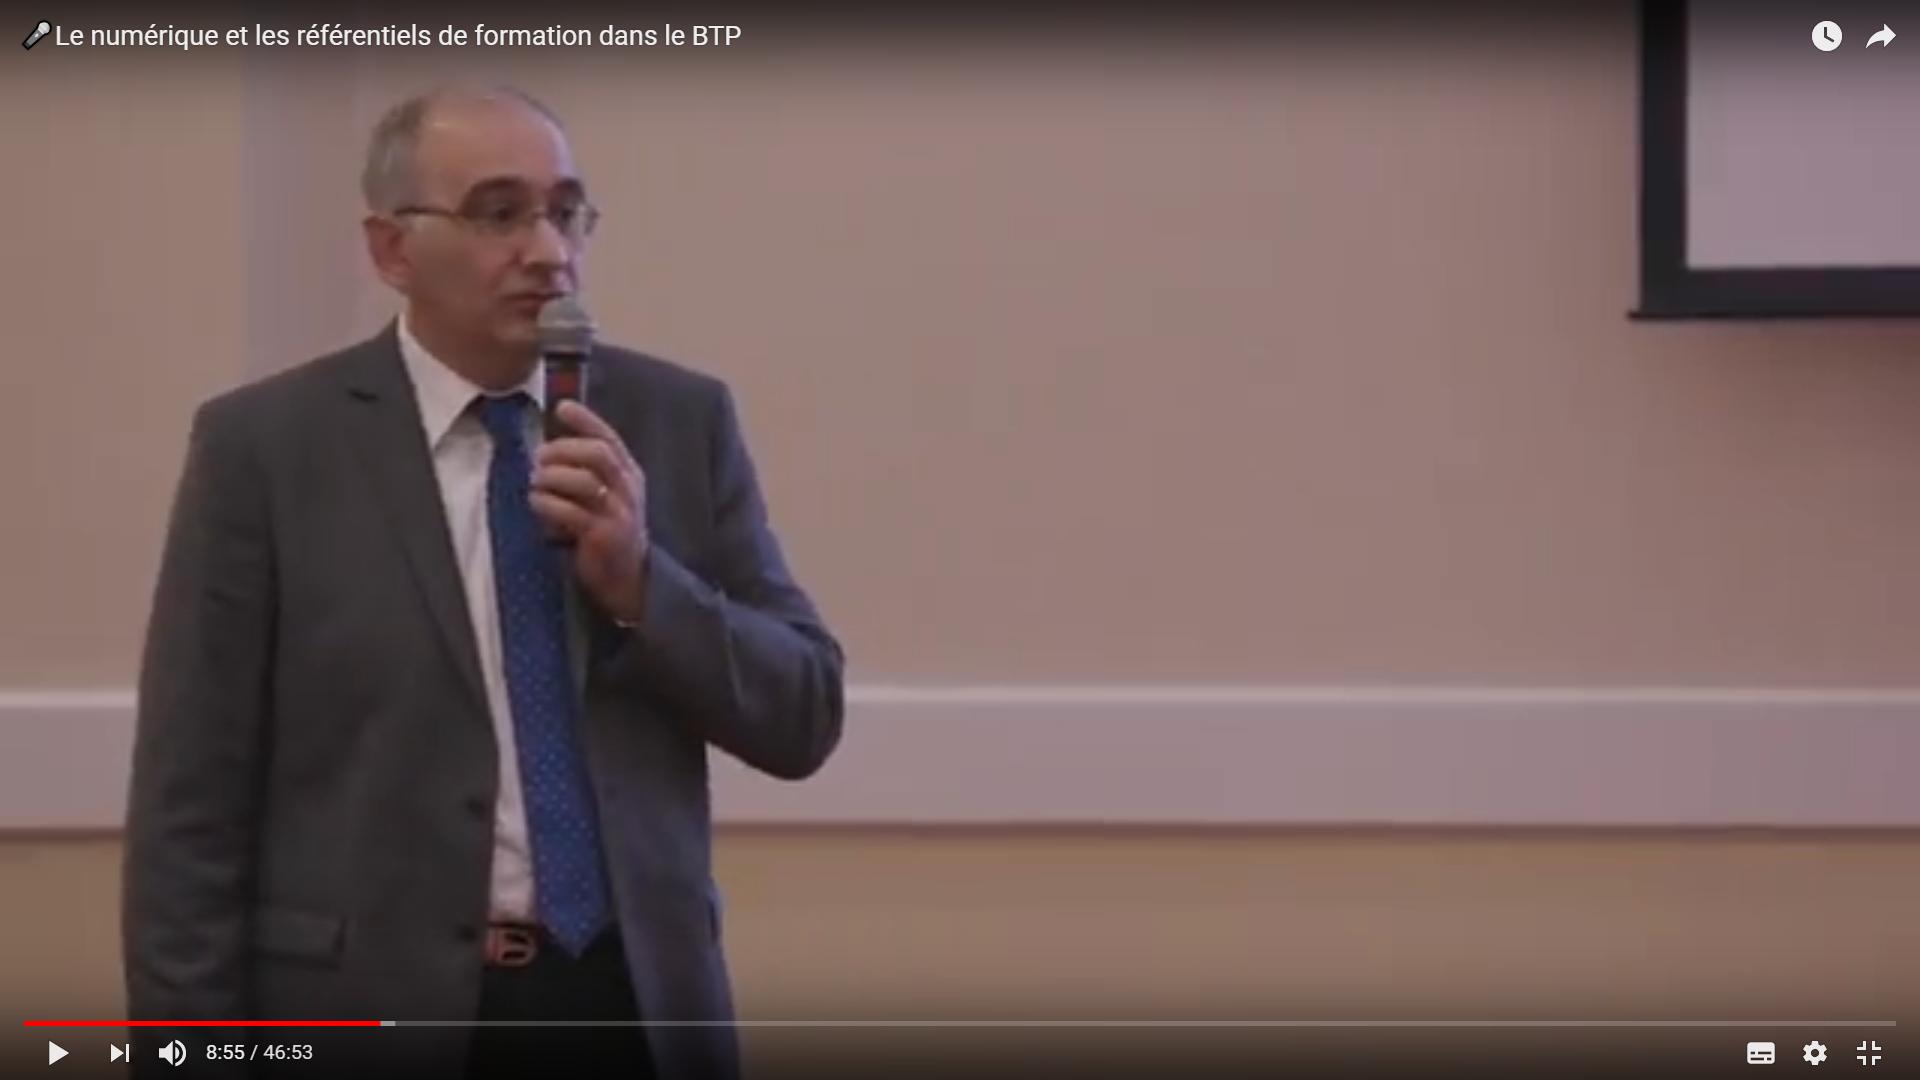 Vidéo sur le numérique et les référentiels de formation dans le BTP